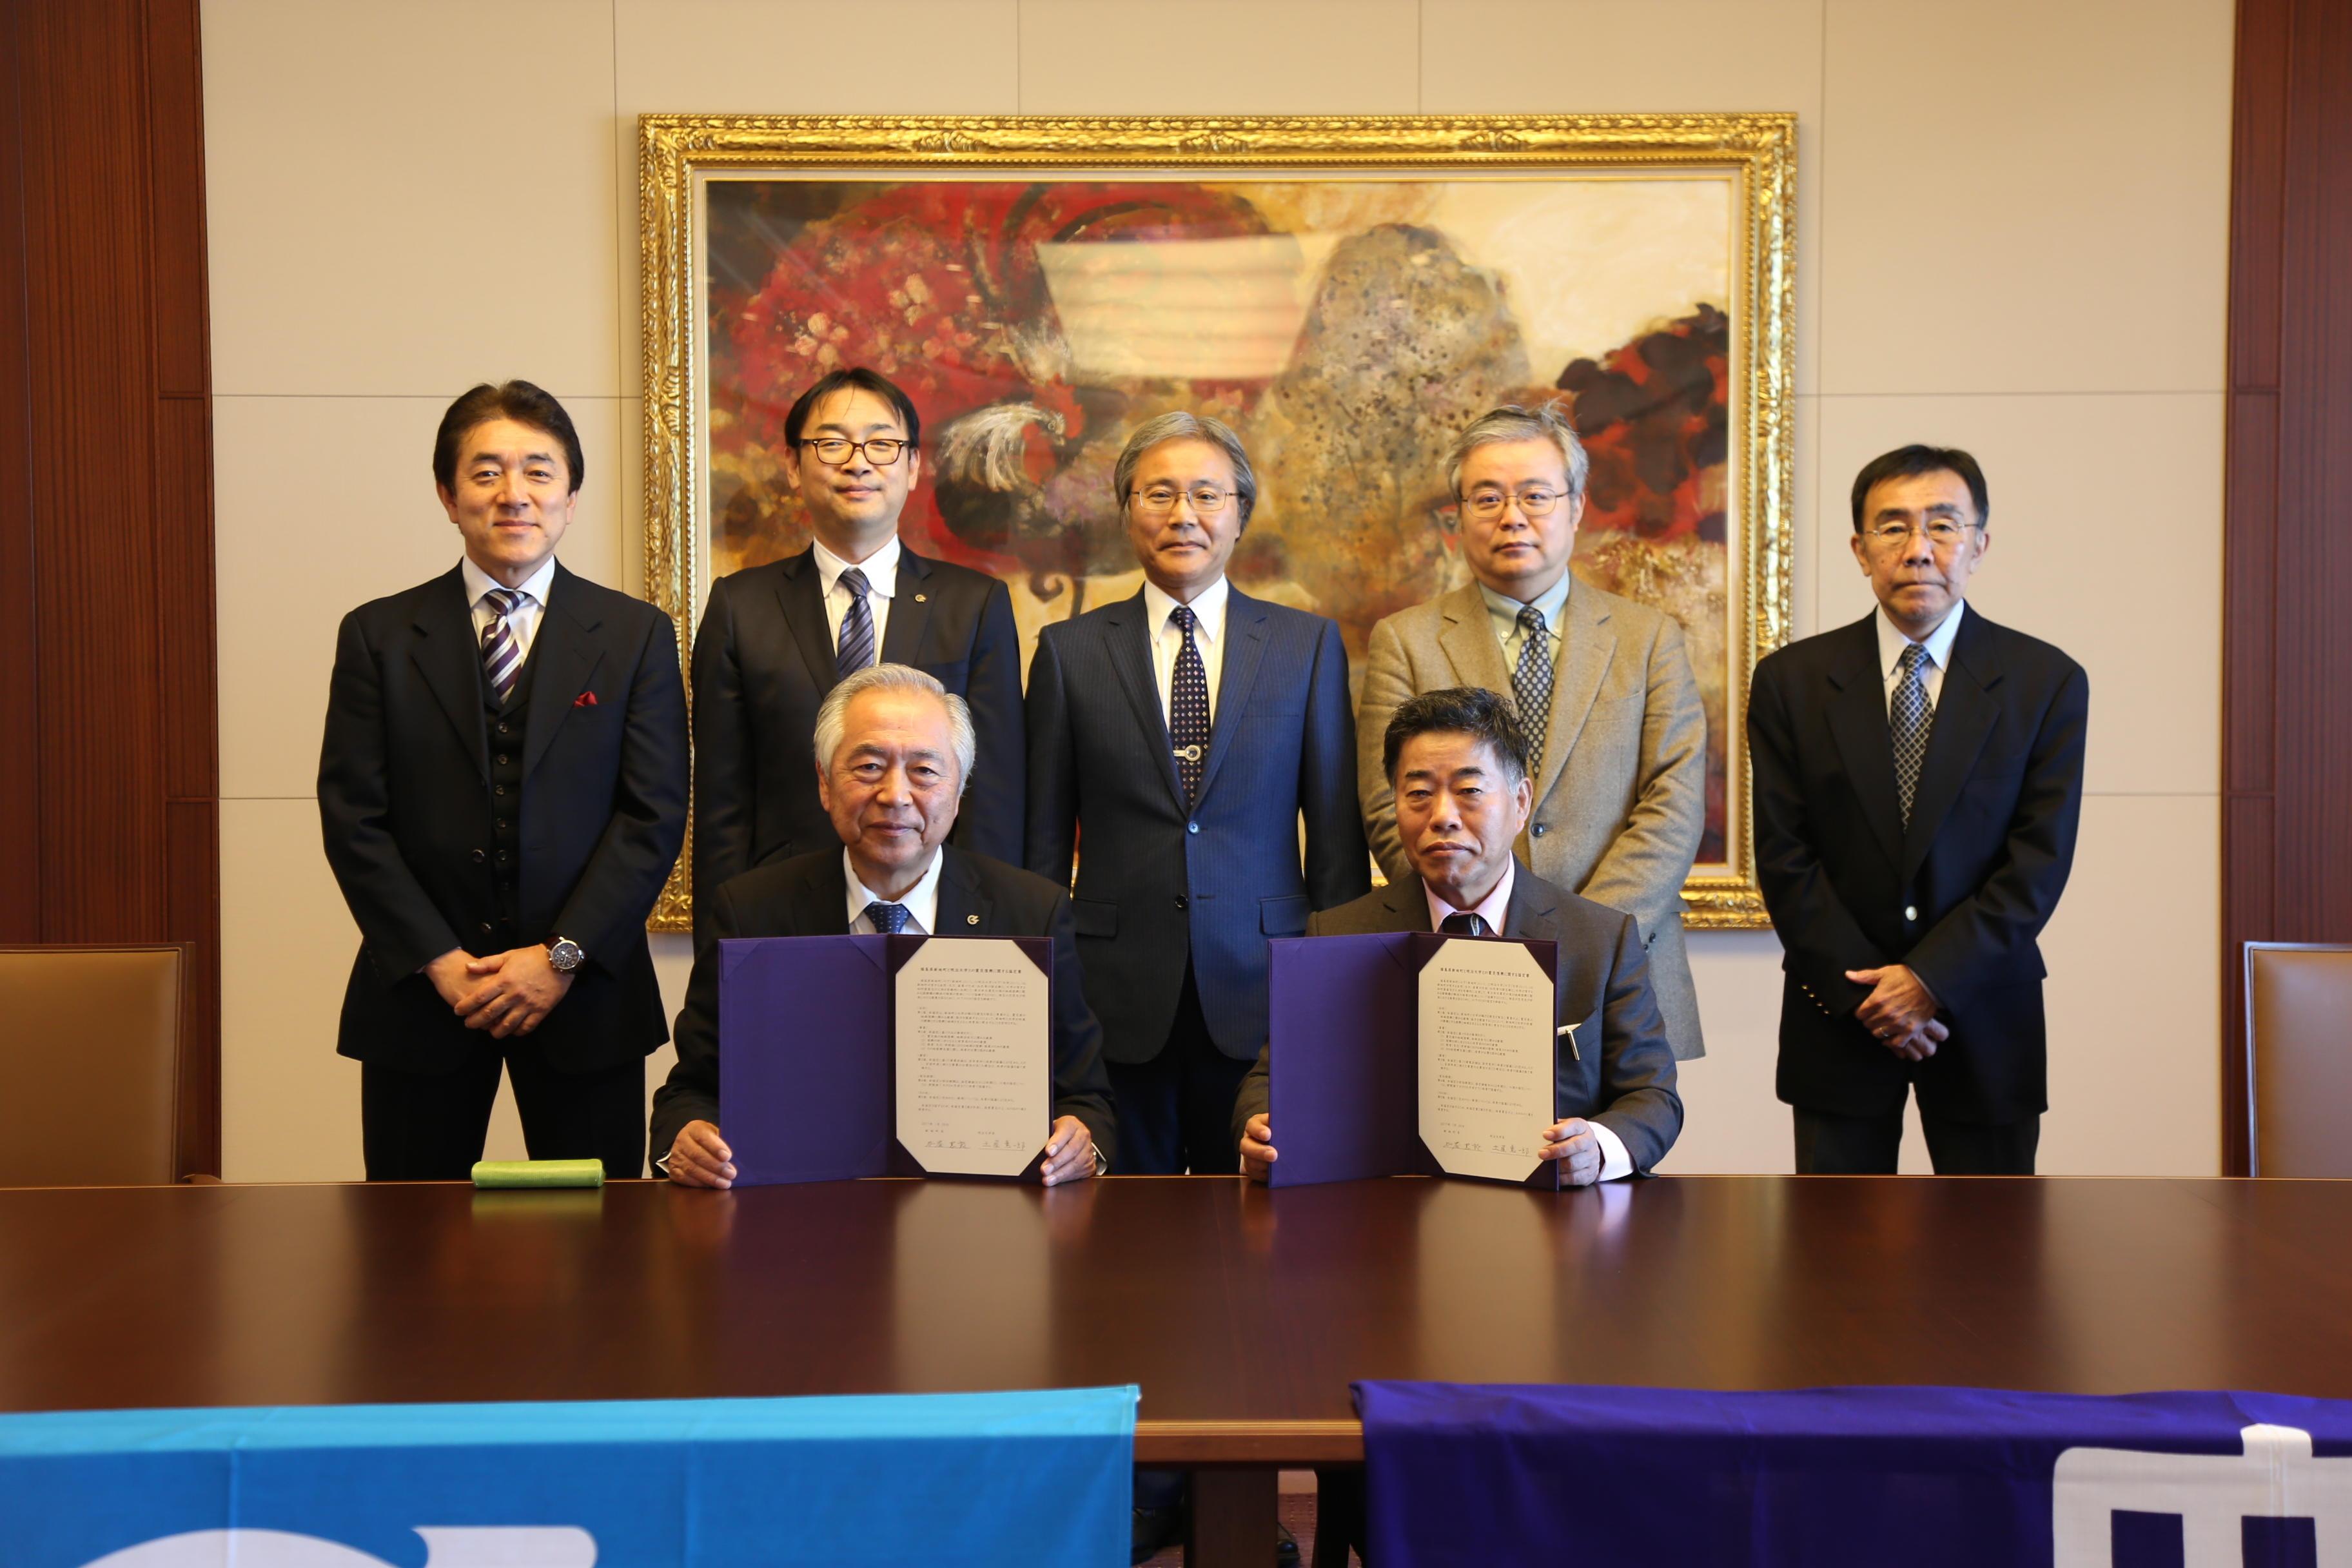 明治大学と福島県新地町が連携協定を締結します